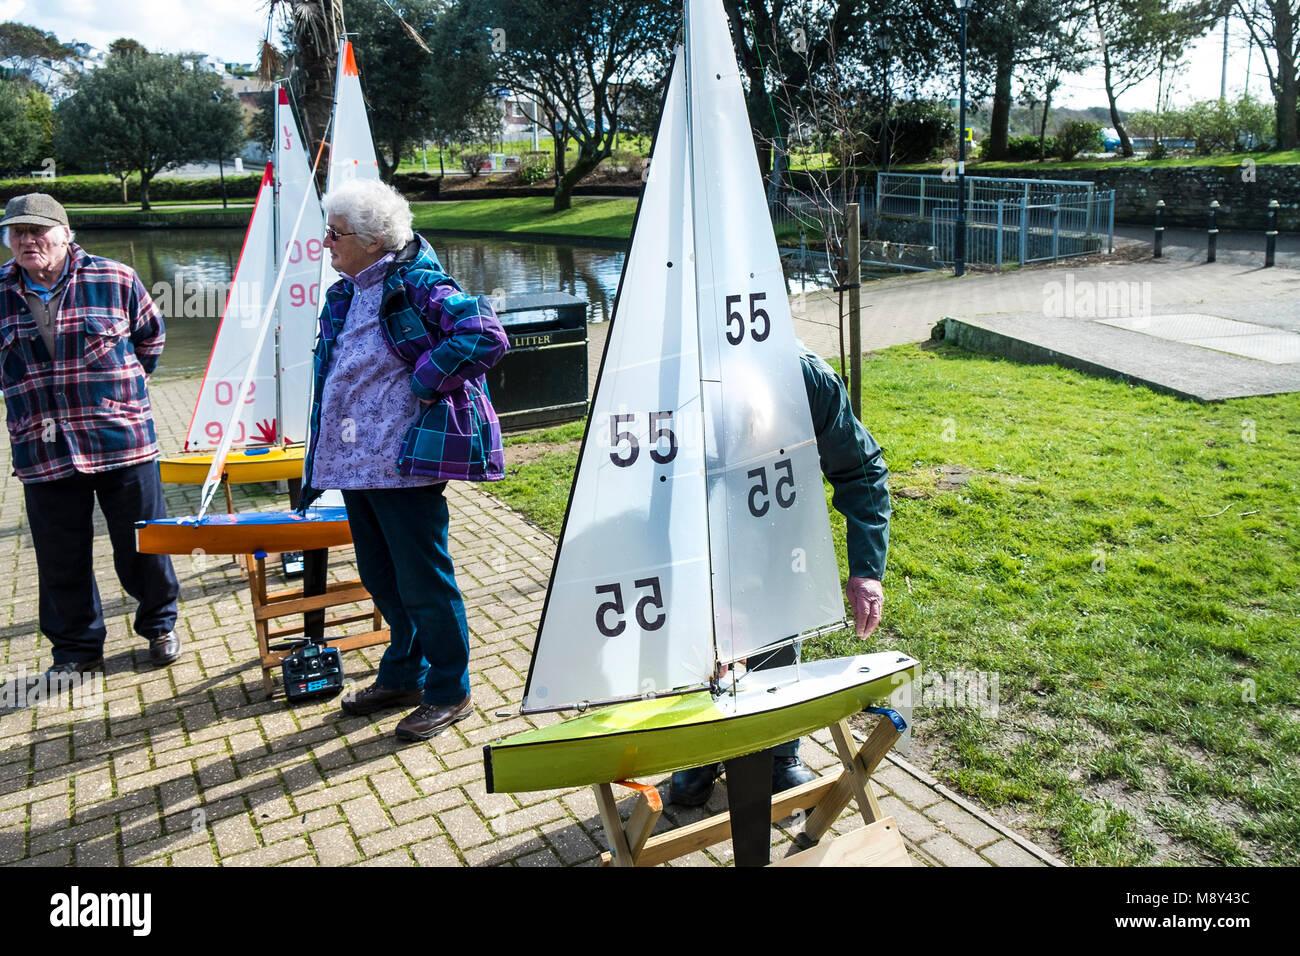 Modello yachts appartenenti ai membri del modello di Newquay yacht club al Lago Trenance in Newquay Cornwall. Immagini Stock